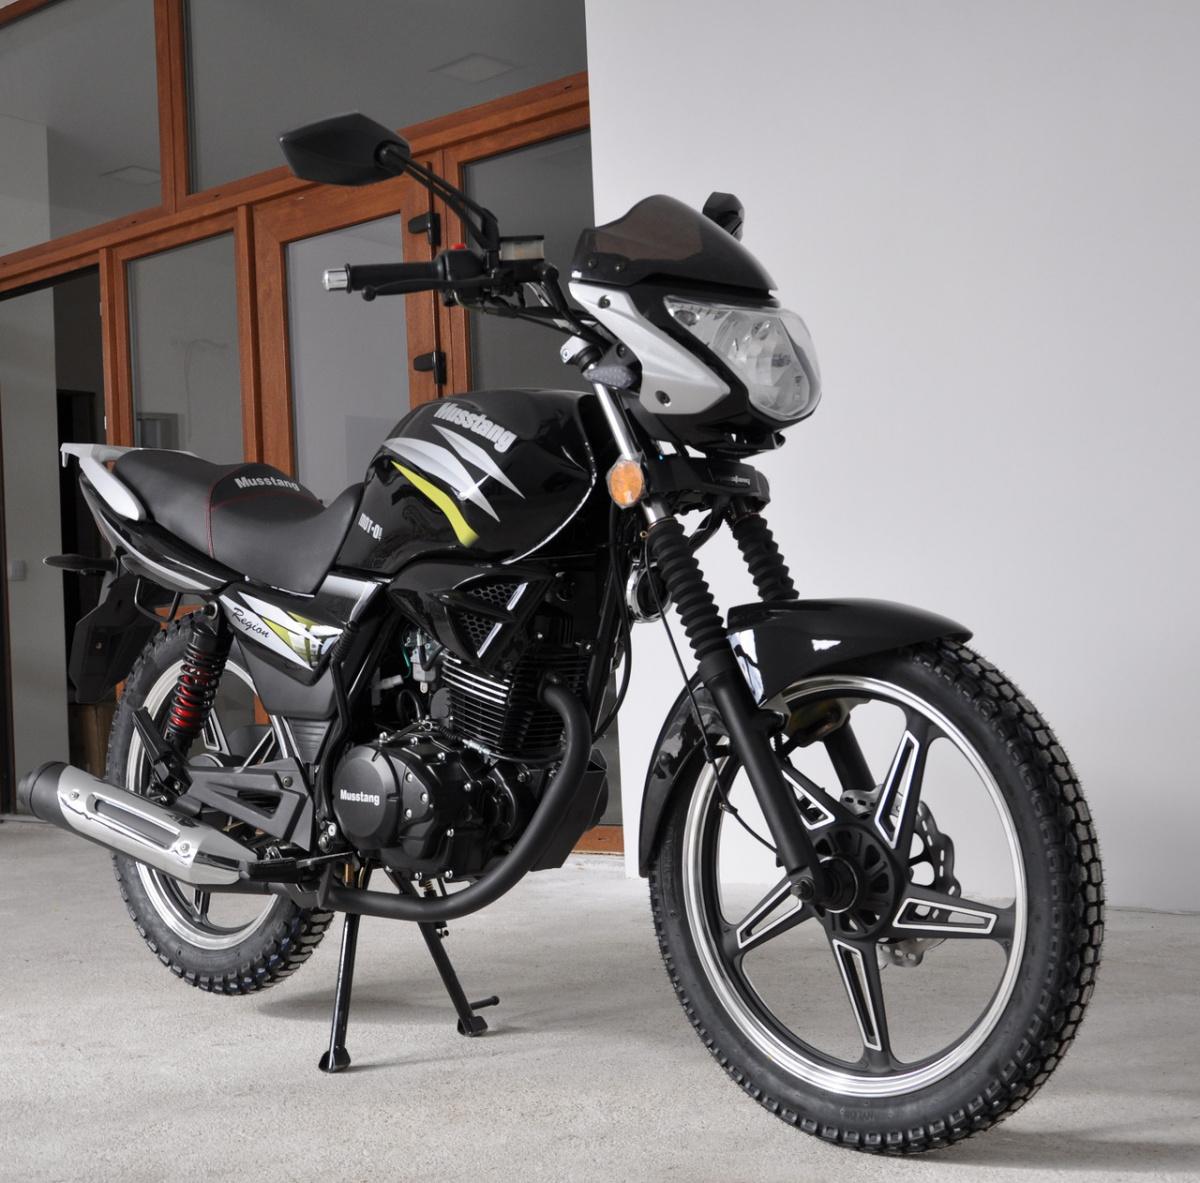 ТОП 10 самых популярных и покупаемых мотоциклов в Украине - китайские мотоциклы